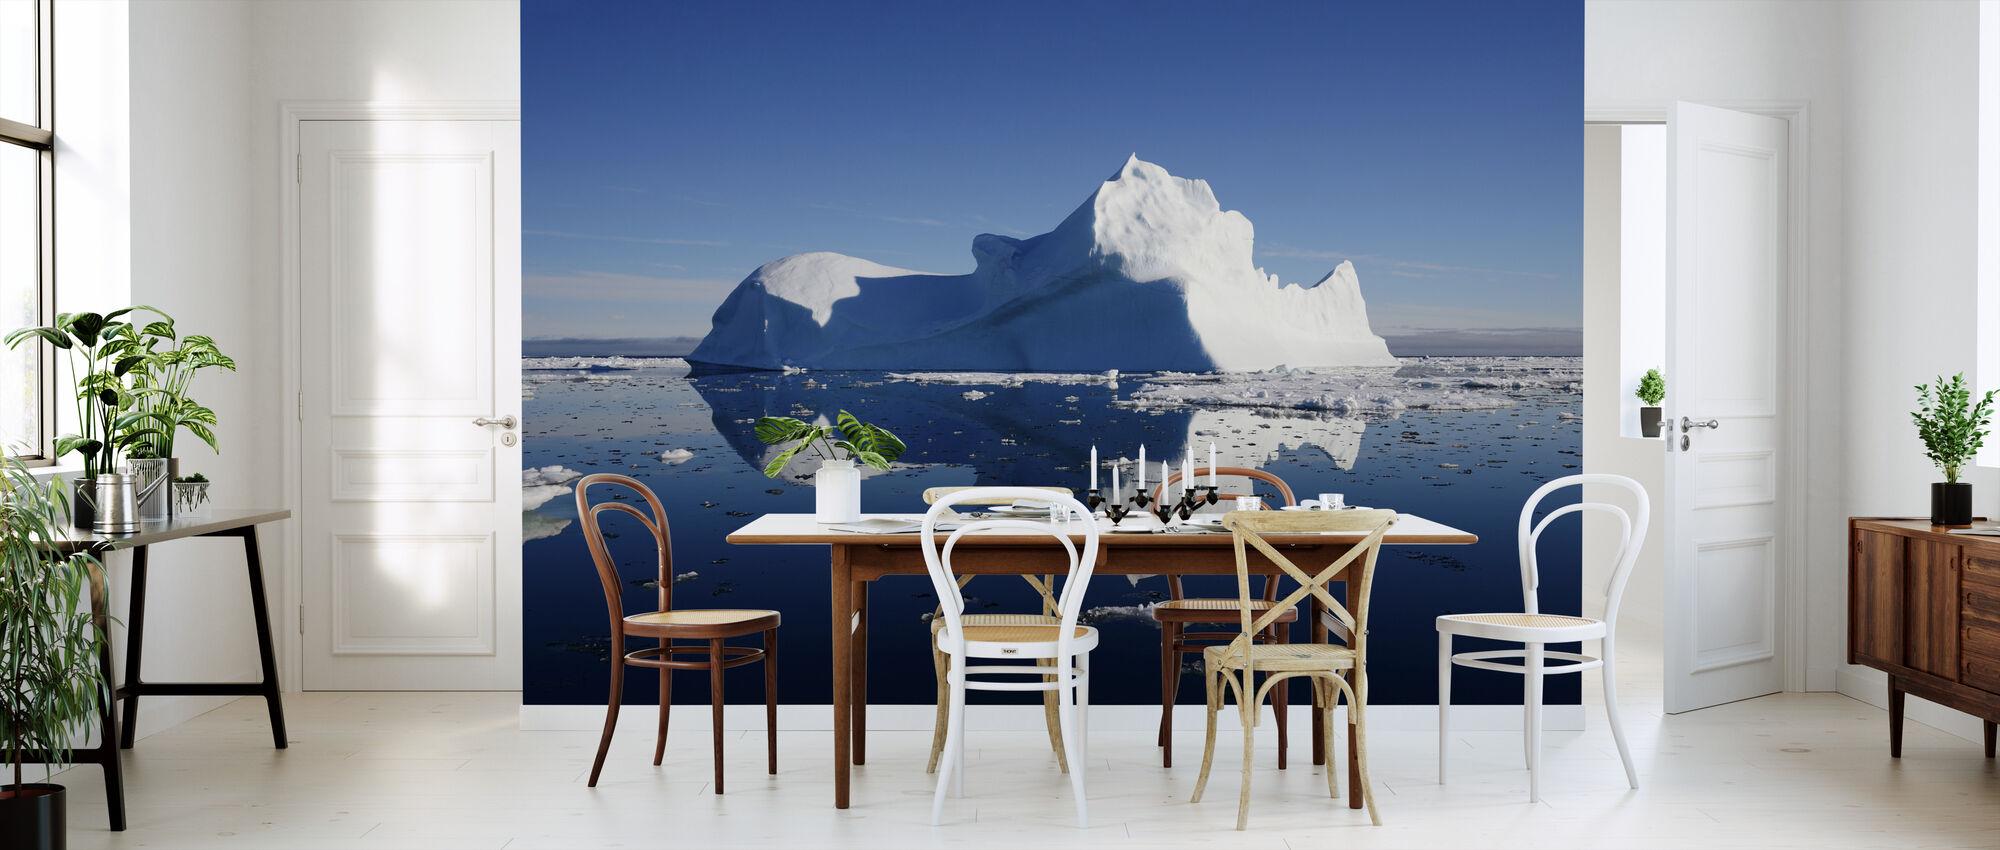 Iceberg - Wallpaper - Kitchen